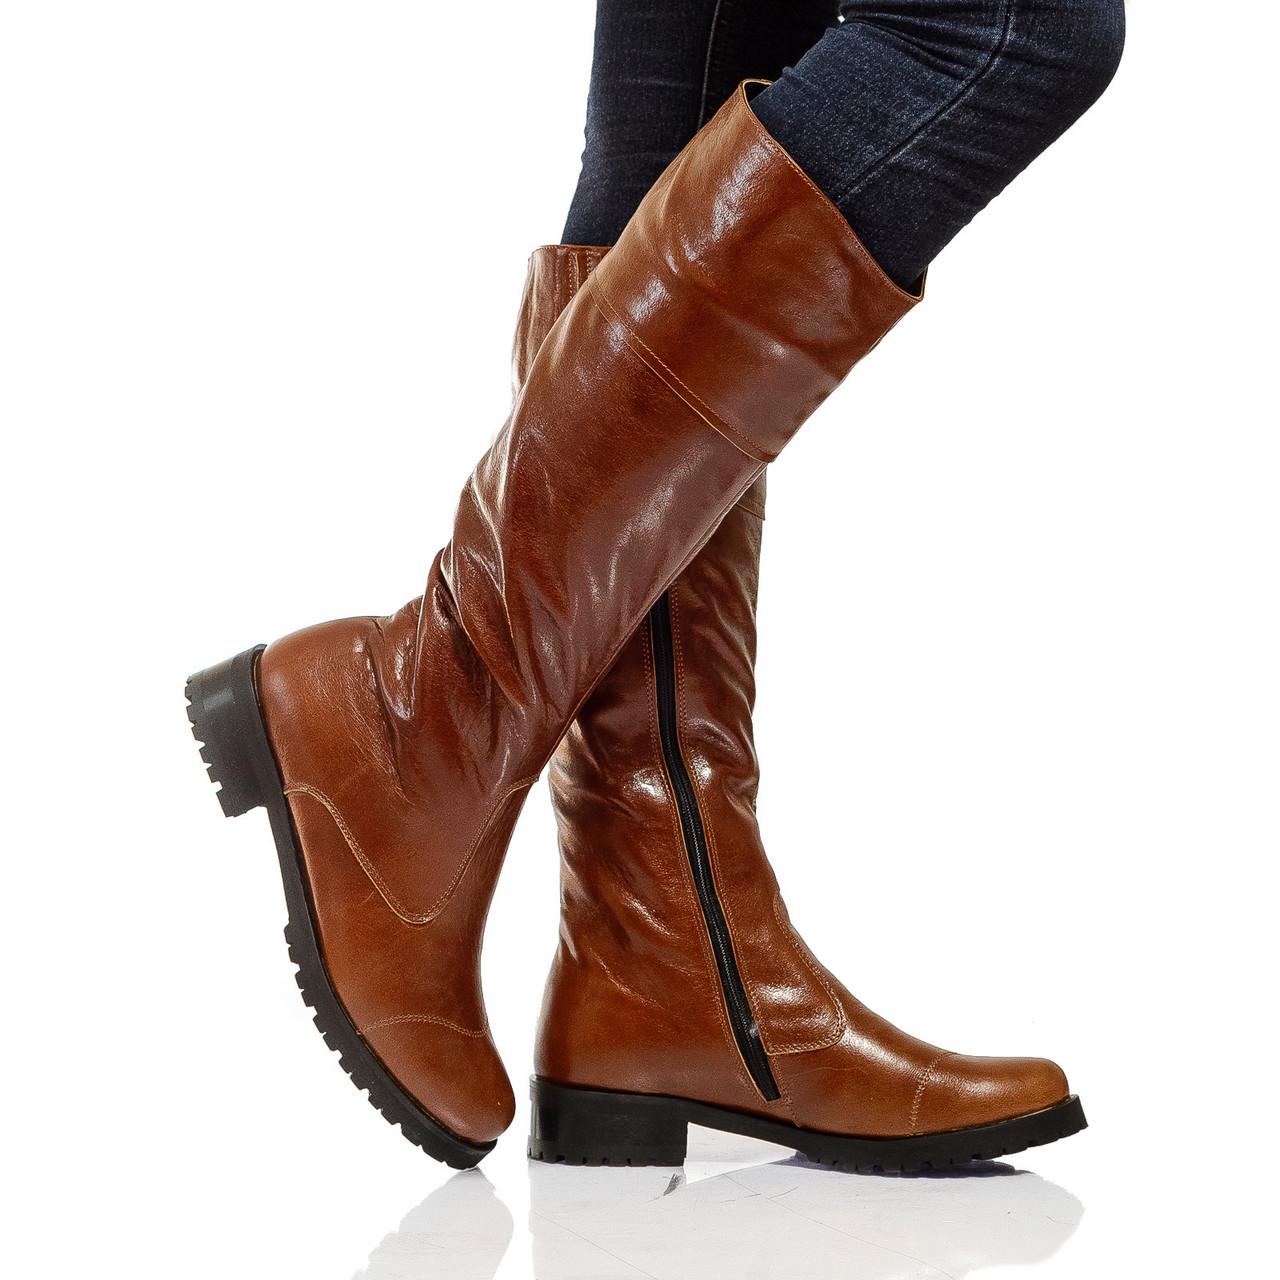 Сапоги высокие на низком каблуке, из натуральной кожи, на молнии. Пять цветов! Размеры 36-41 модель S2205